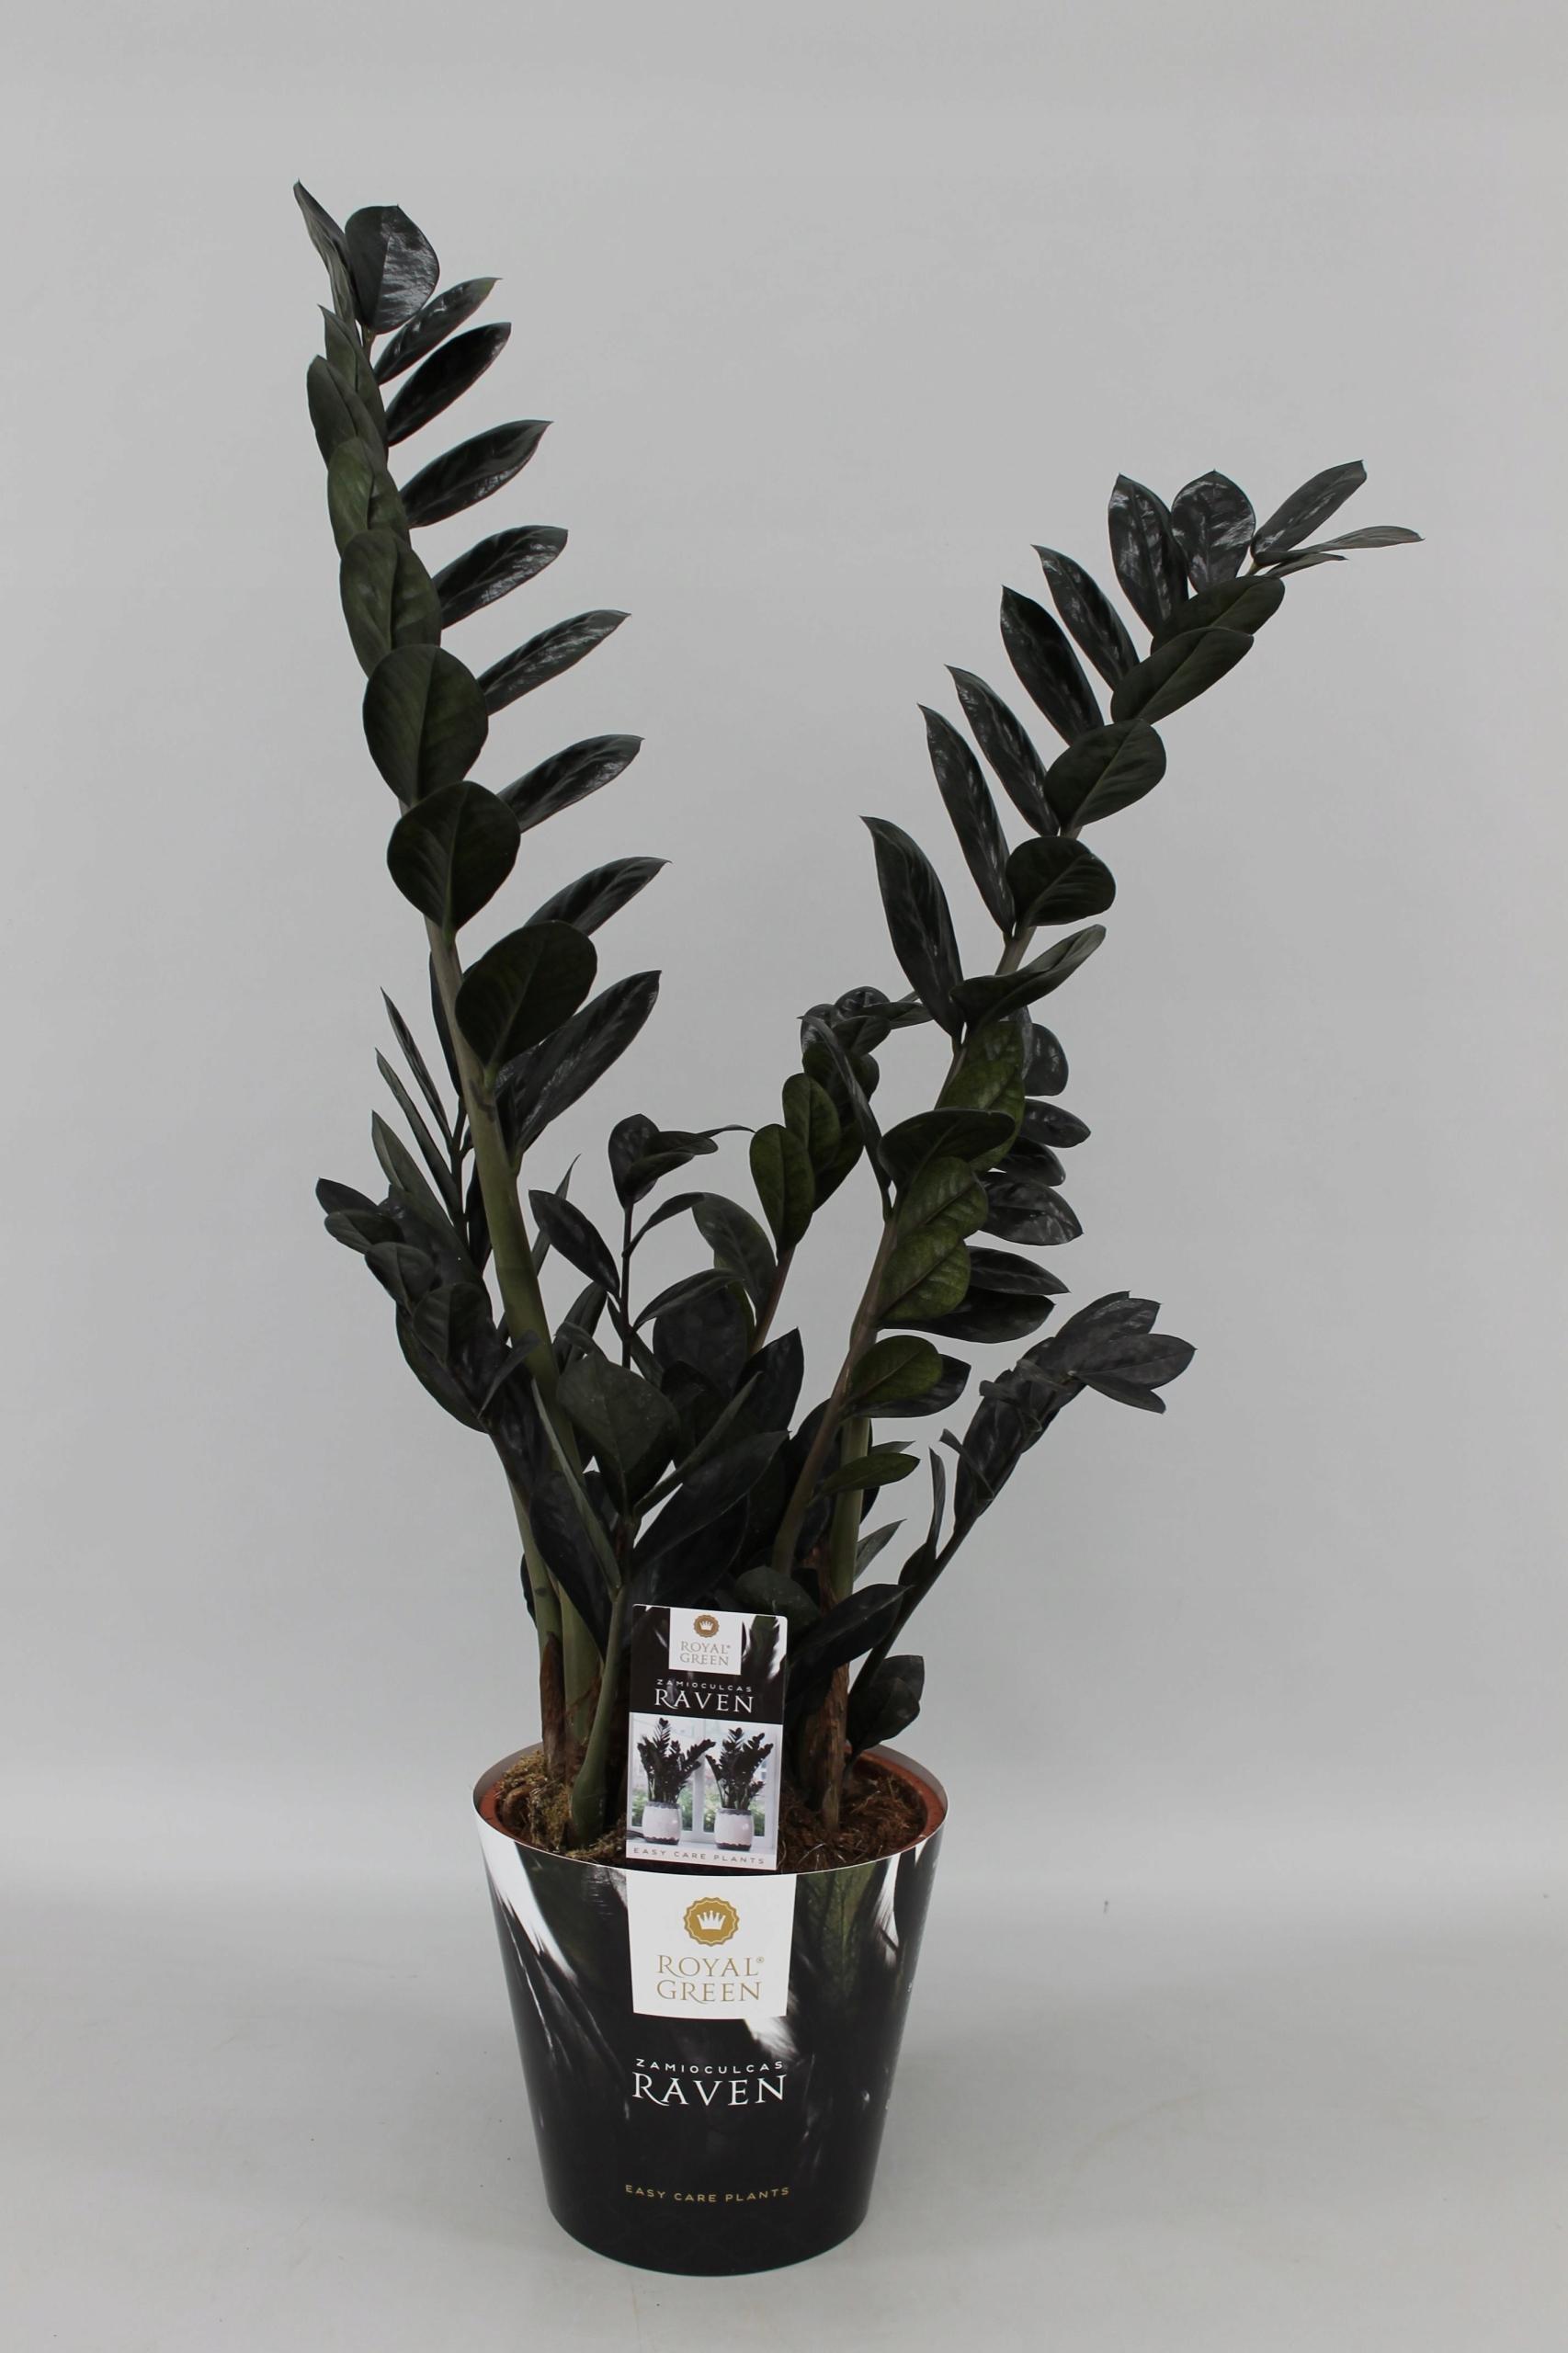 Черный замиокулькас (11 фото): описание «долларового дерева» с черными листьями, уход за сортом «равен»